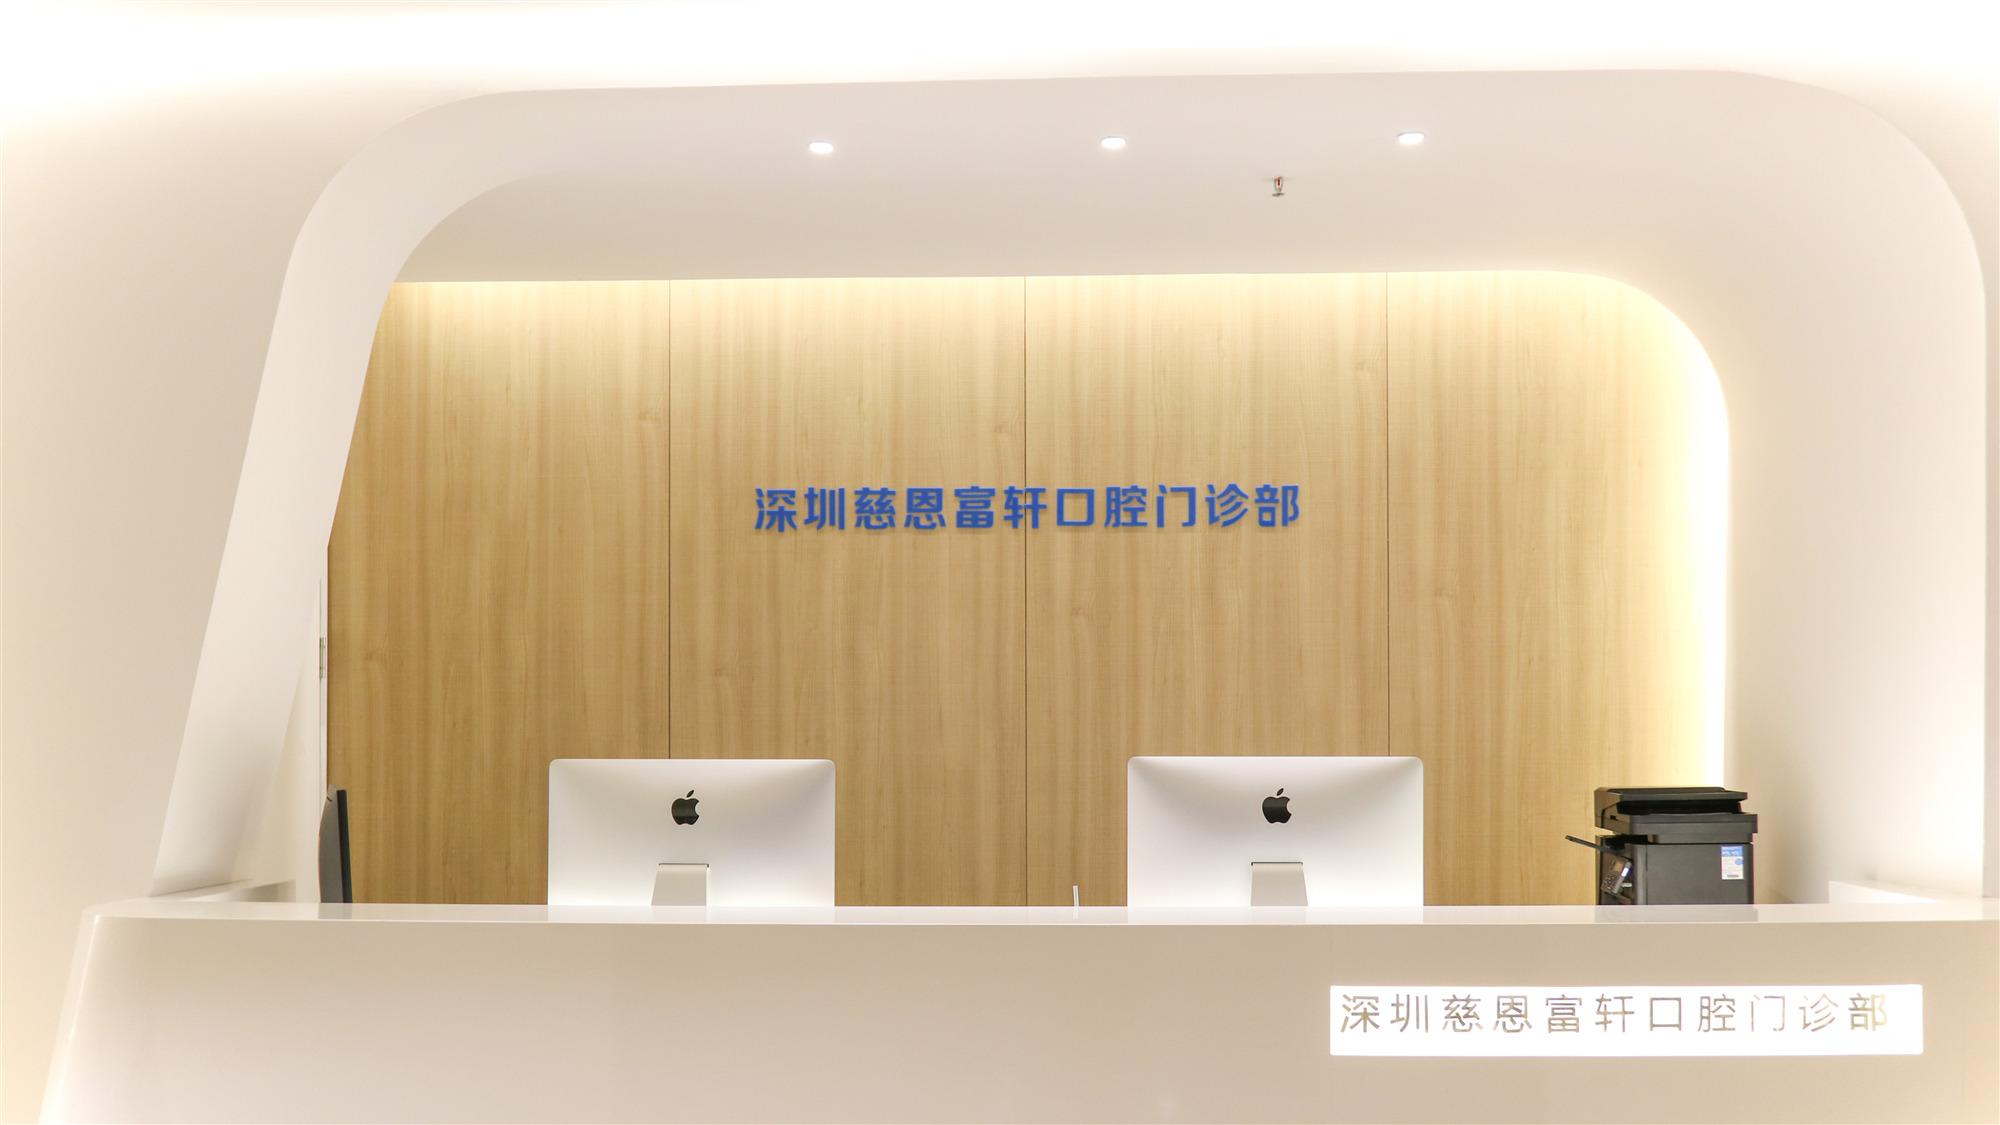 深圳牙科医院受到欢迎的原因有哪些?